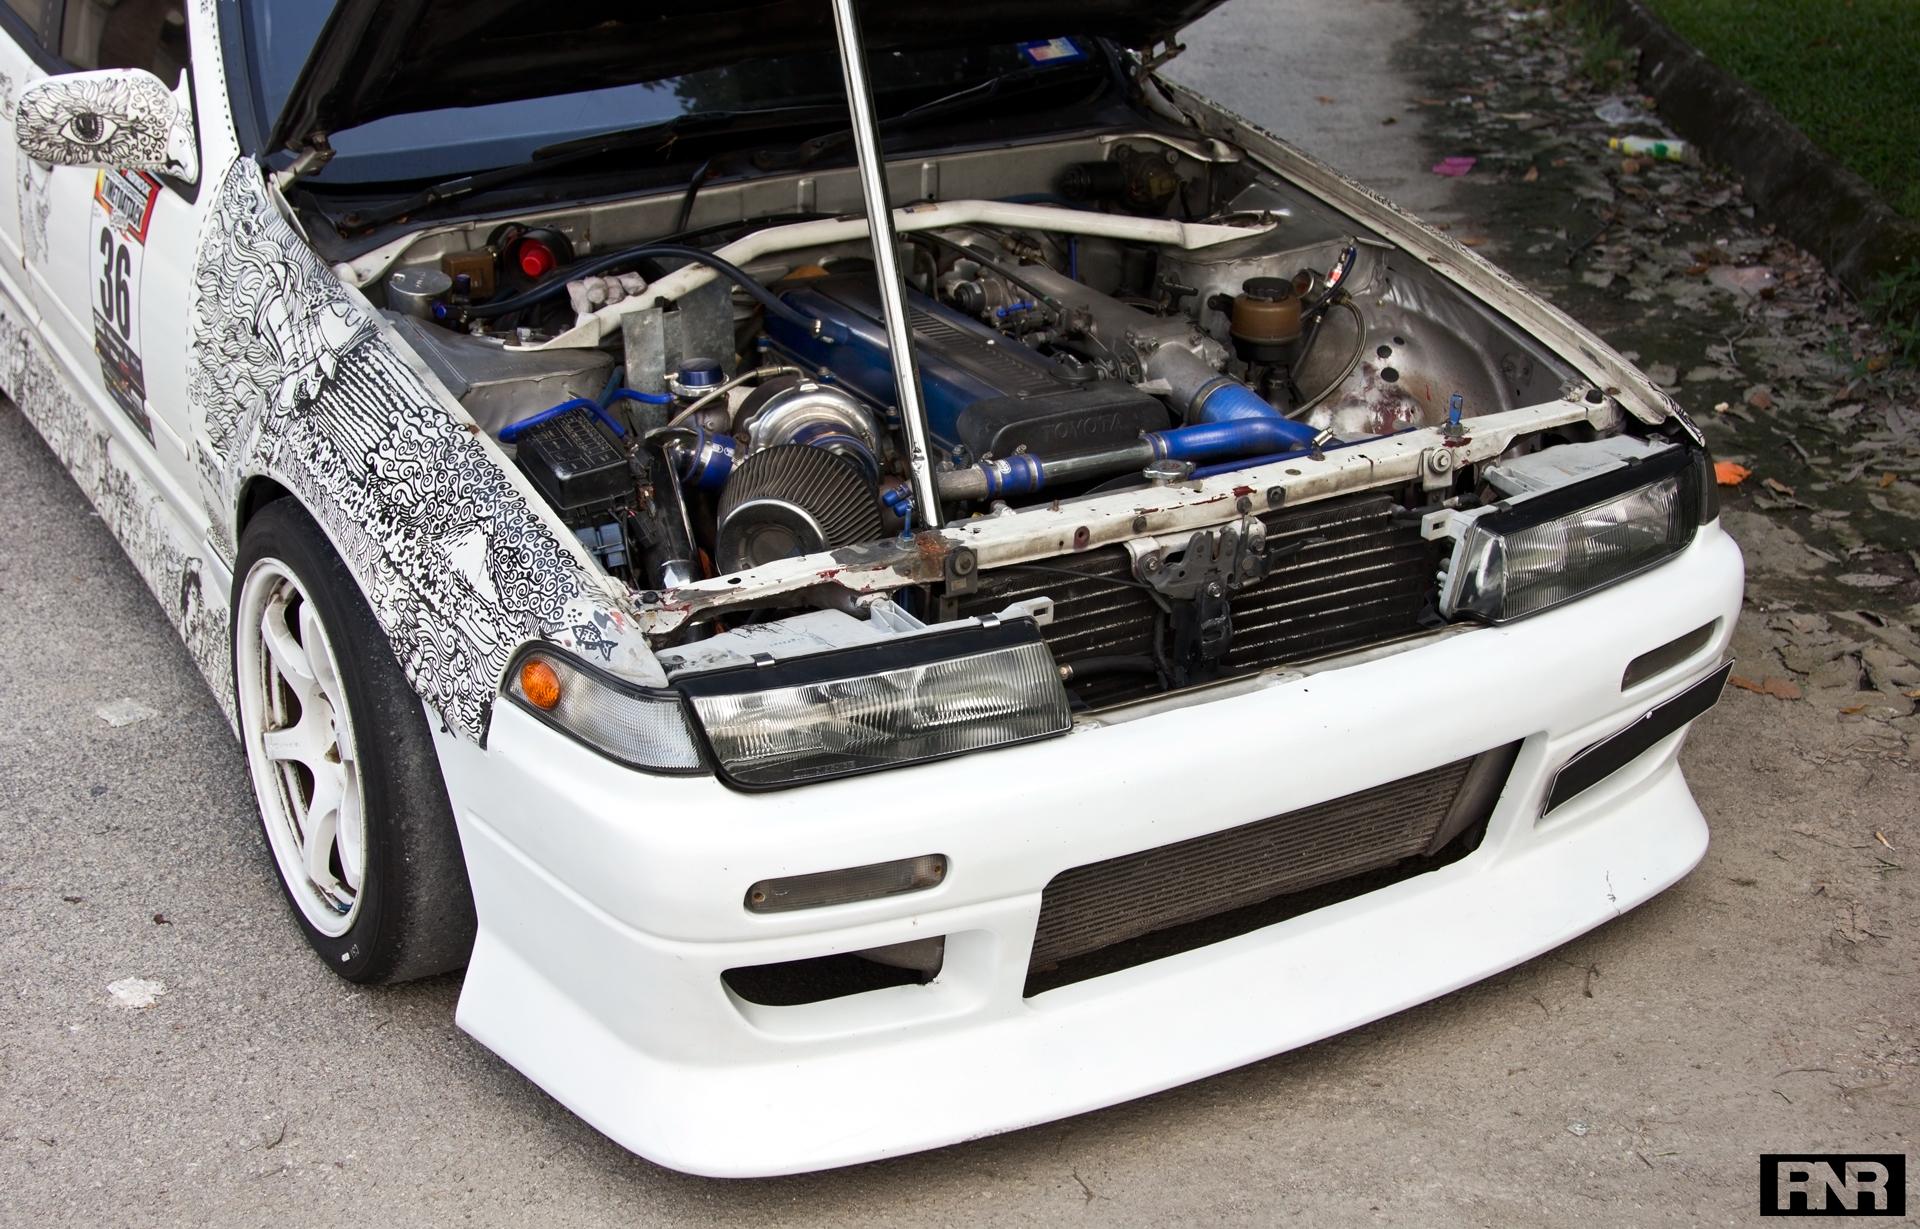 The Artsy Toyota Cefiro - RaceNotRice